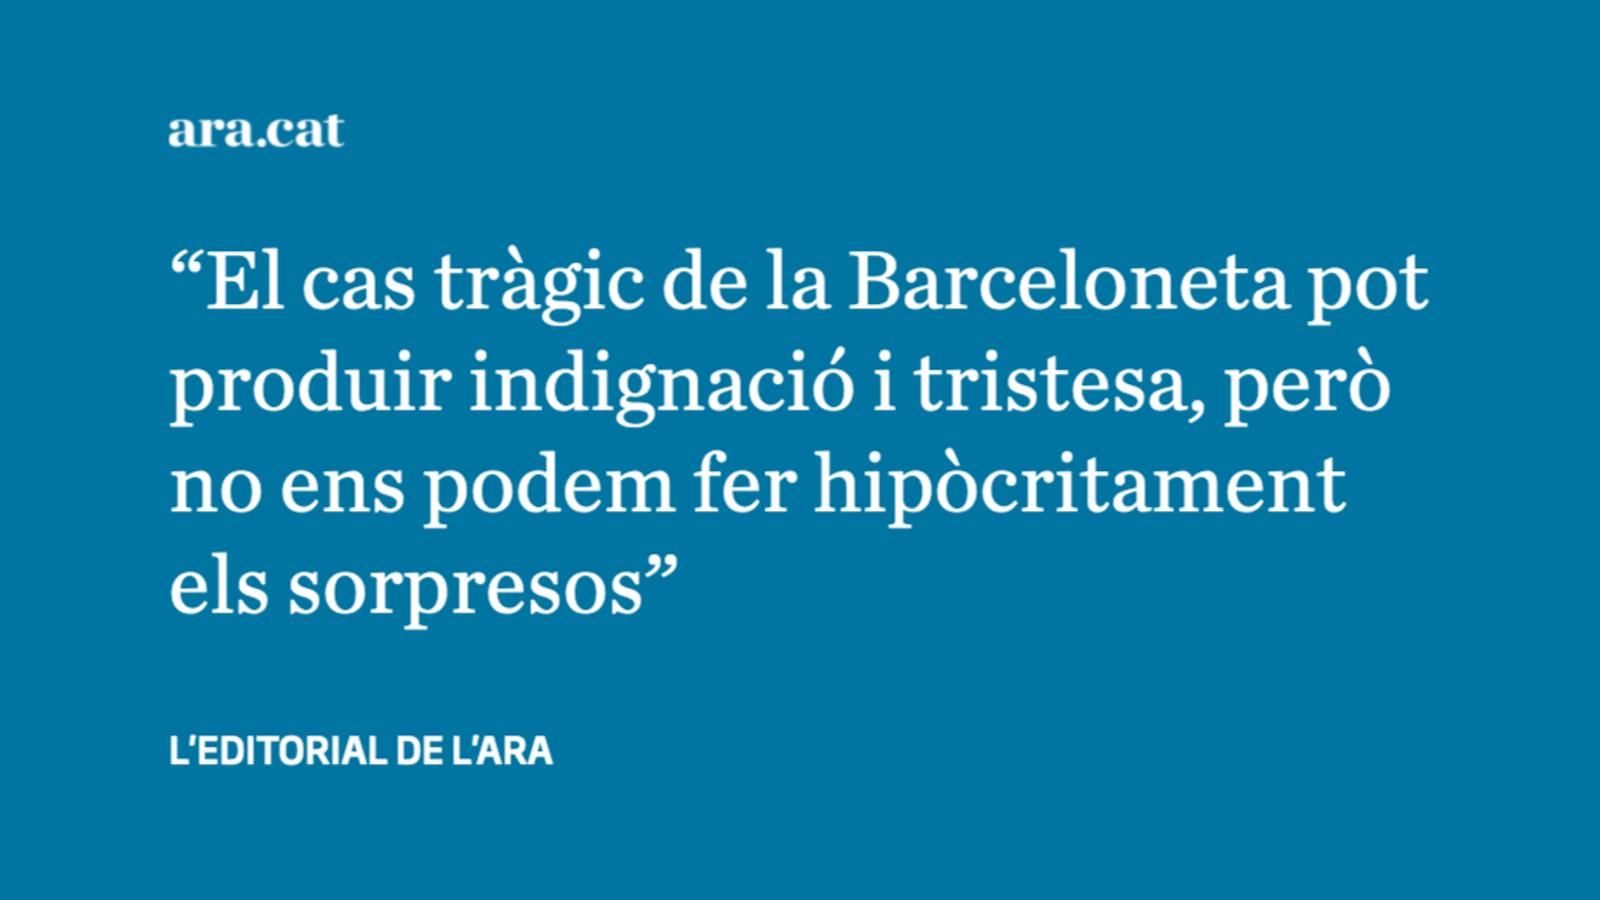 Precarietat extrema i tragèdia a la Barceloneta